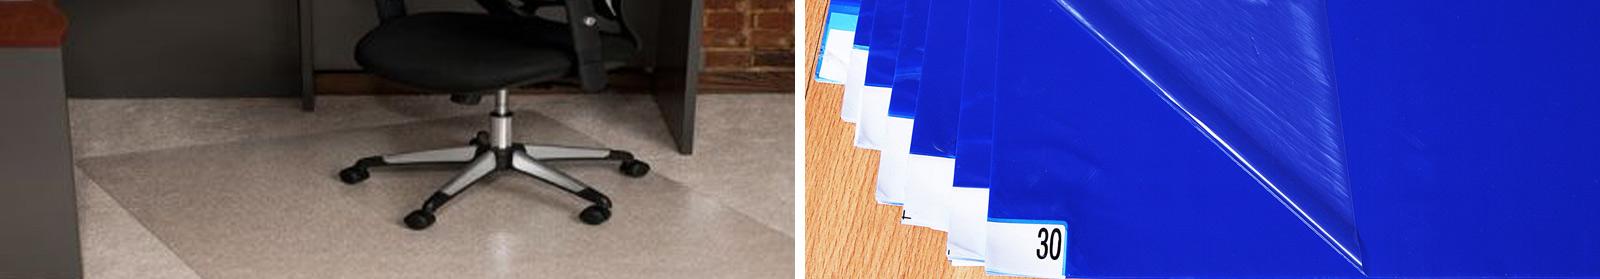 Desk Chair Mats & Hygienic Tacky Mats